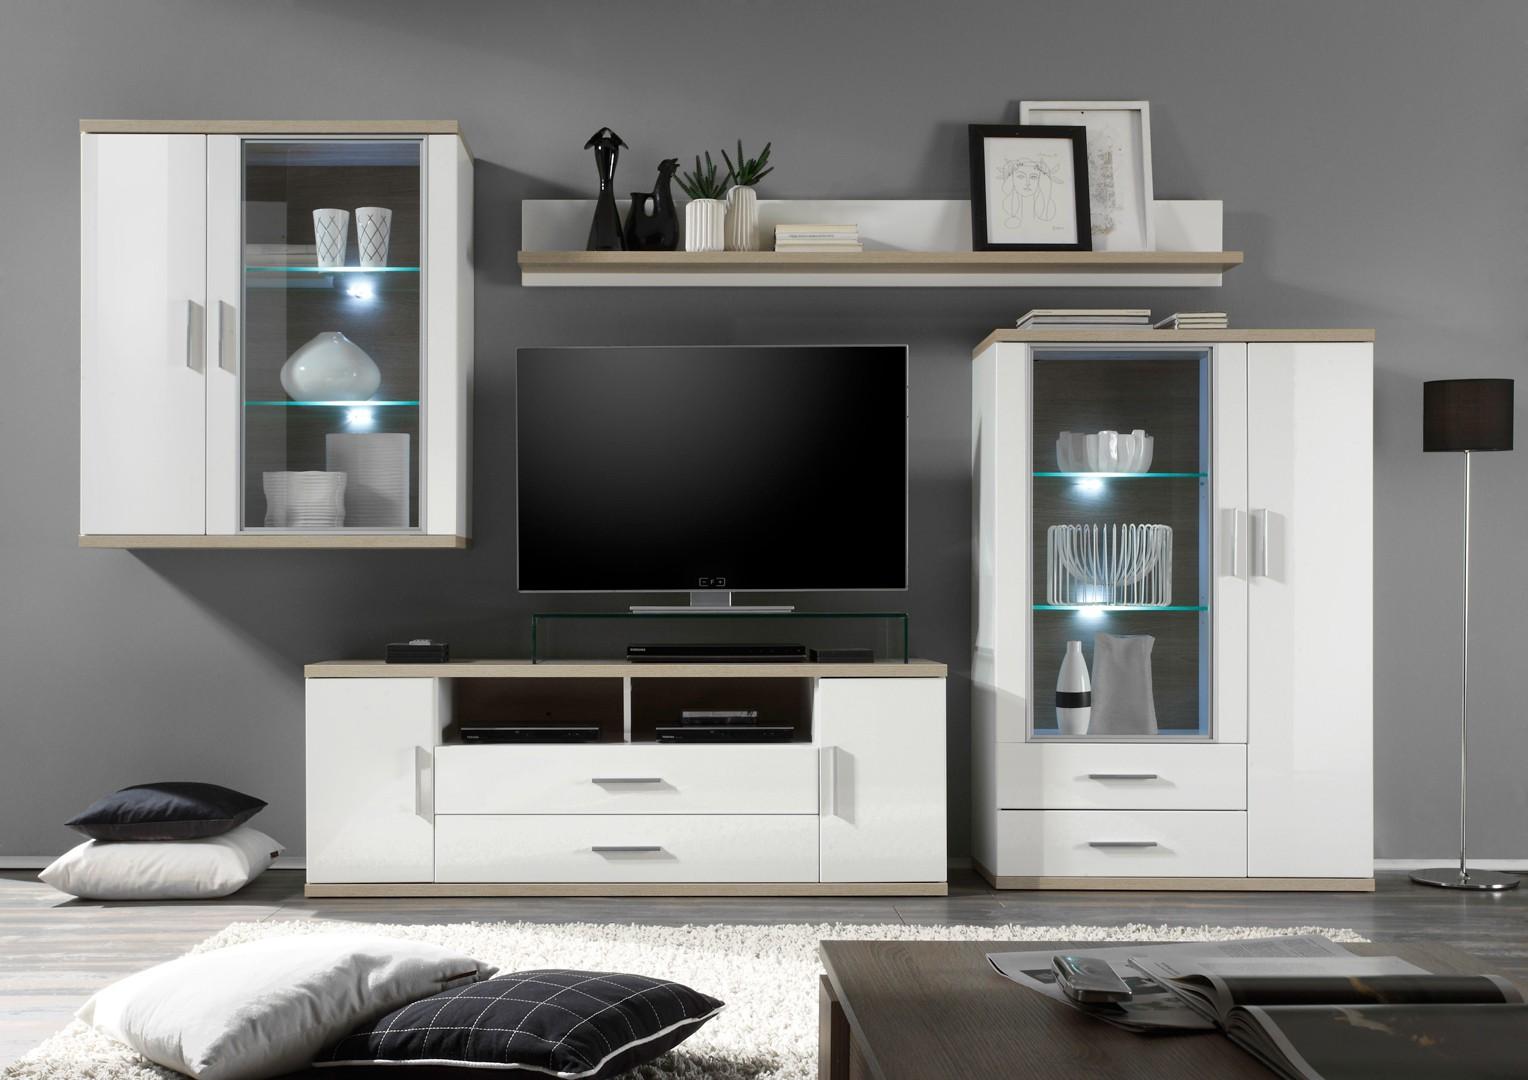 meuble tv avec rangement pas cher maison et mobilier dintrieur - Meuble Tv Avec Rangement Pas Cher